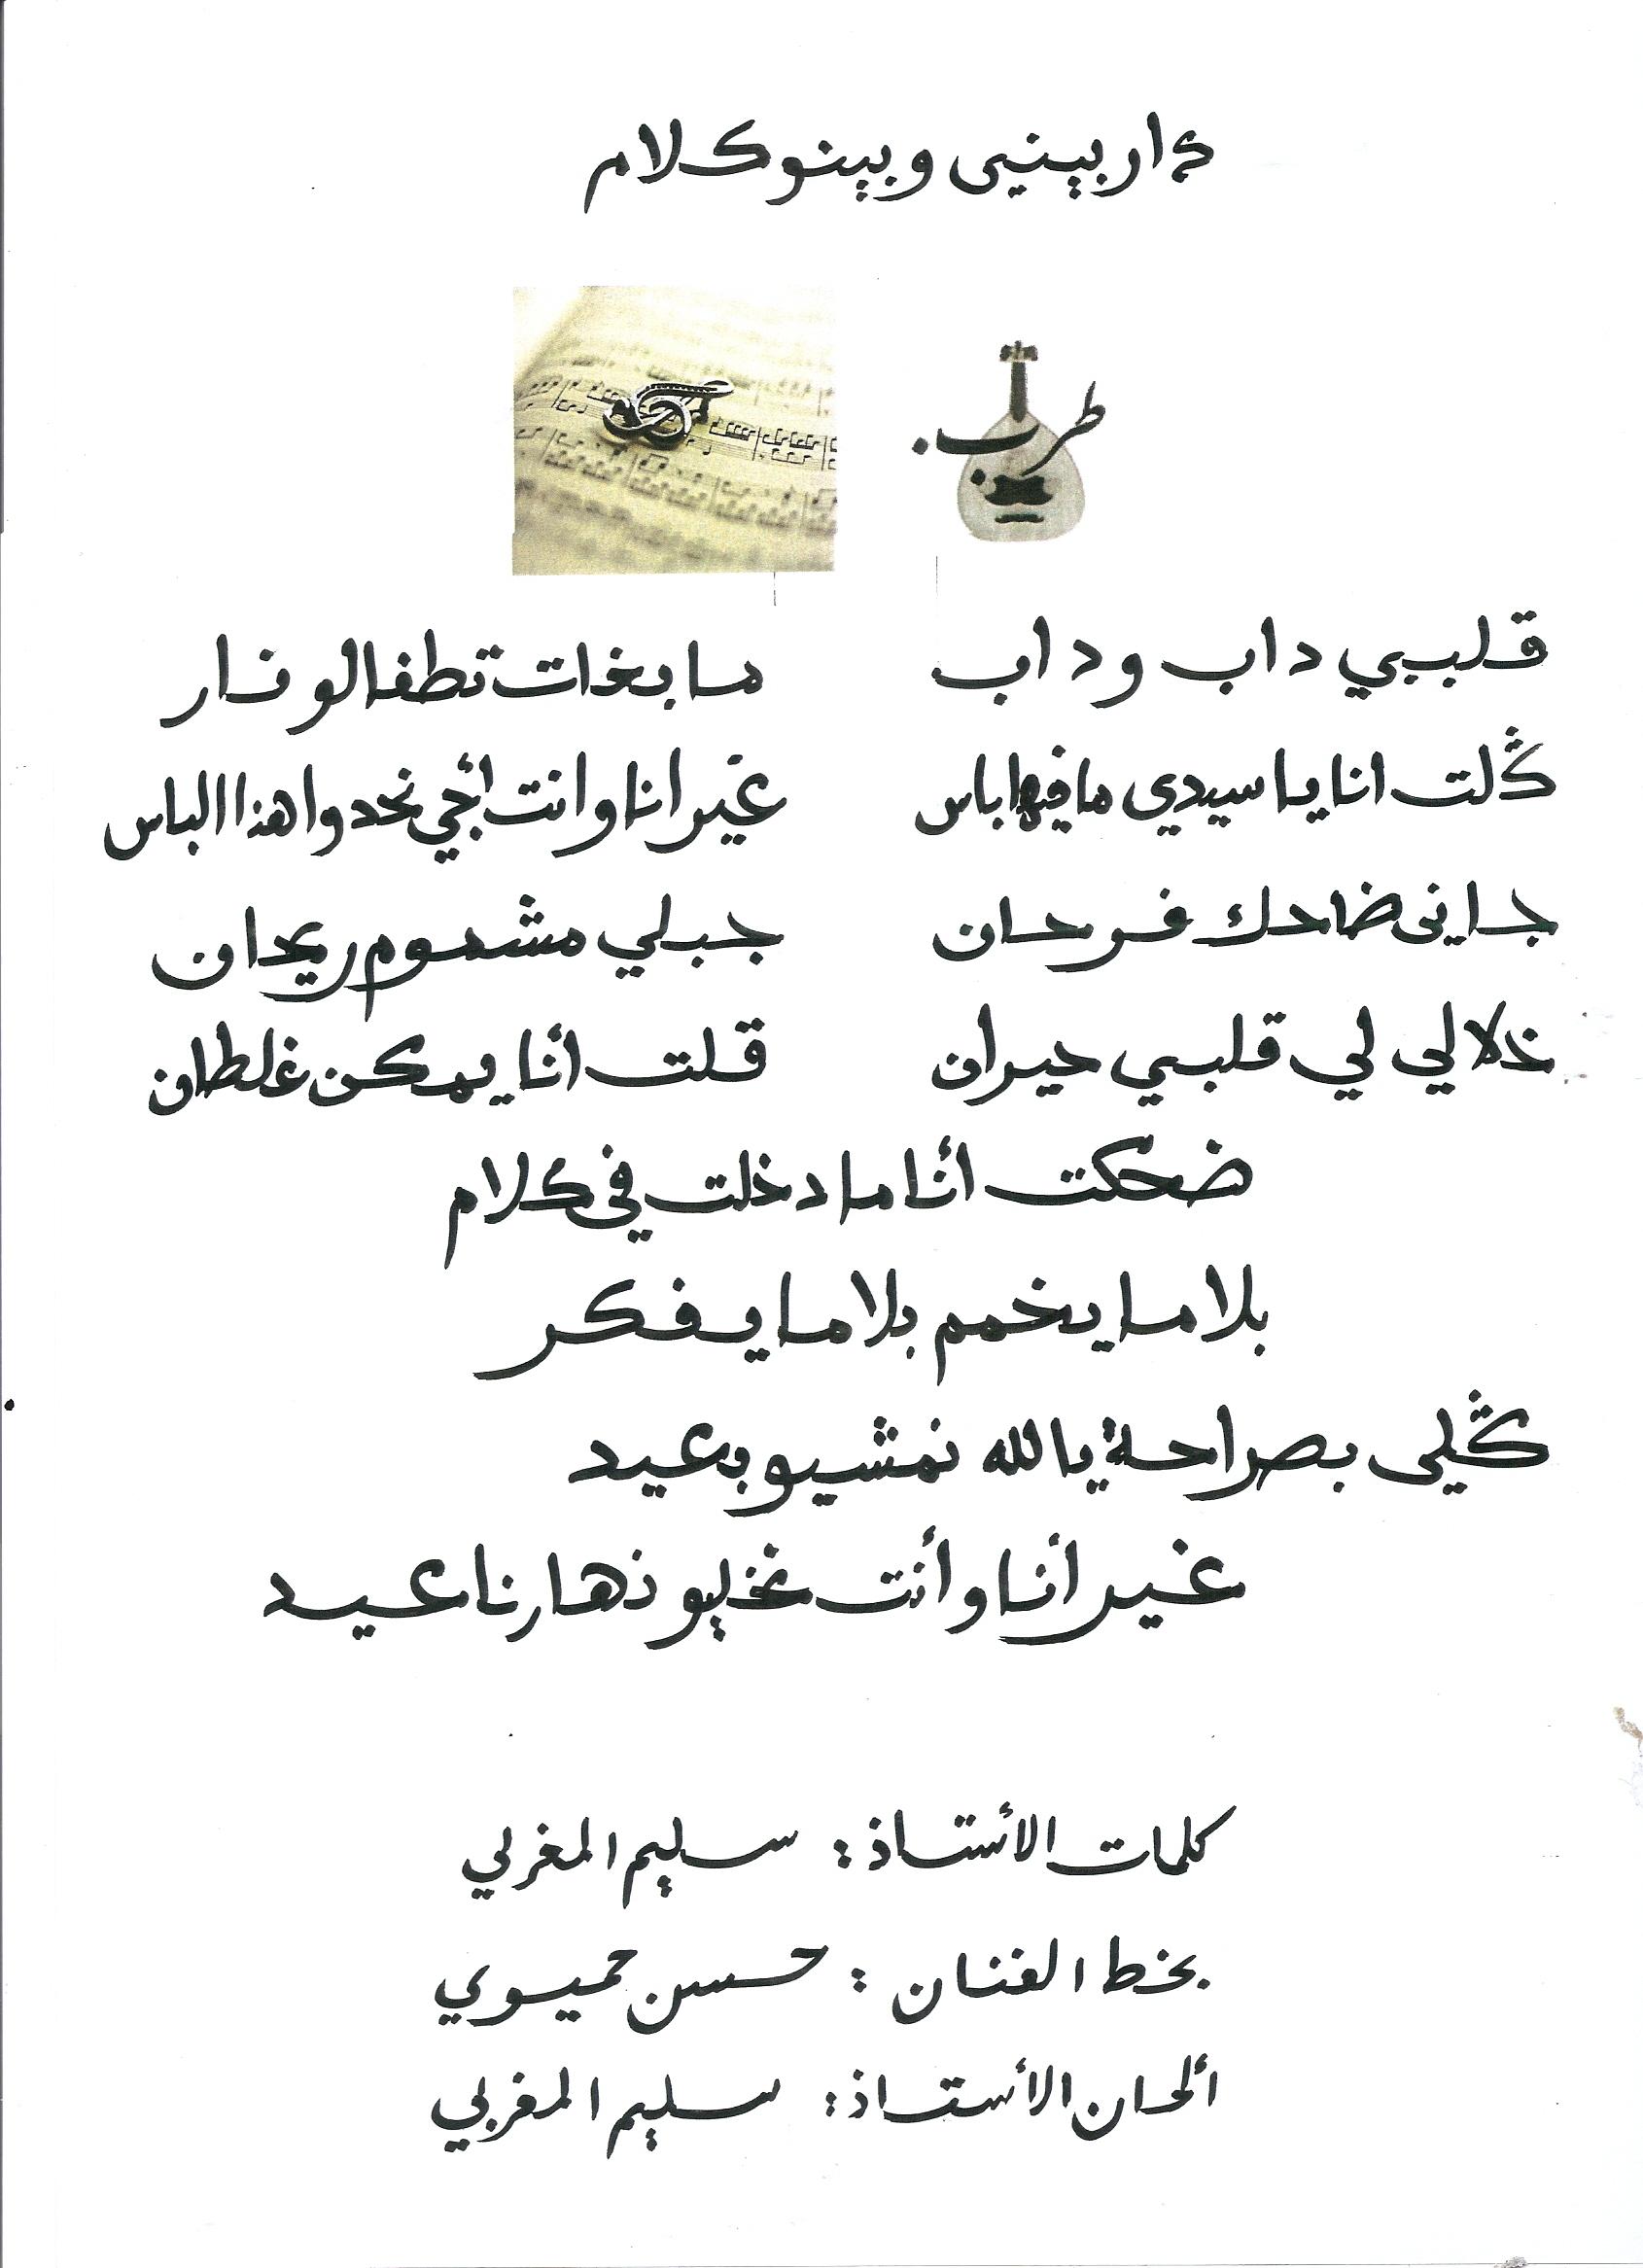 بالصور كلمات مغربيه , كلام من المغرب العربى 6741 7